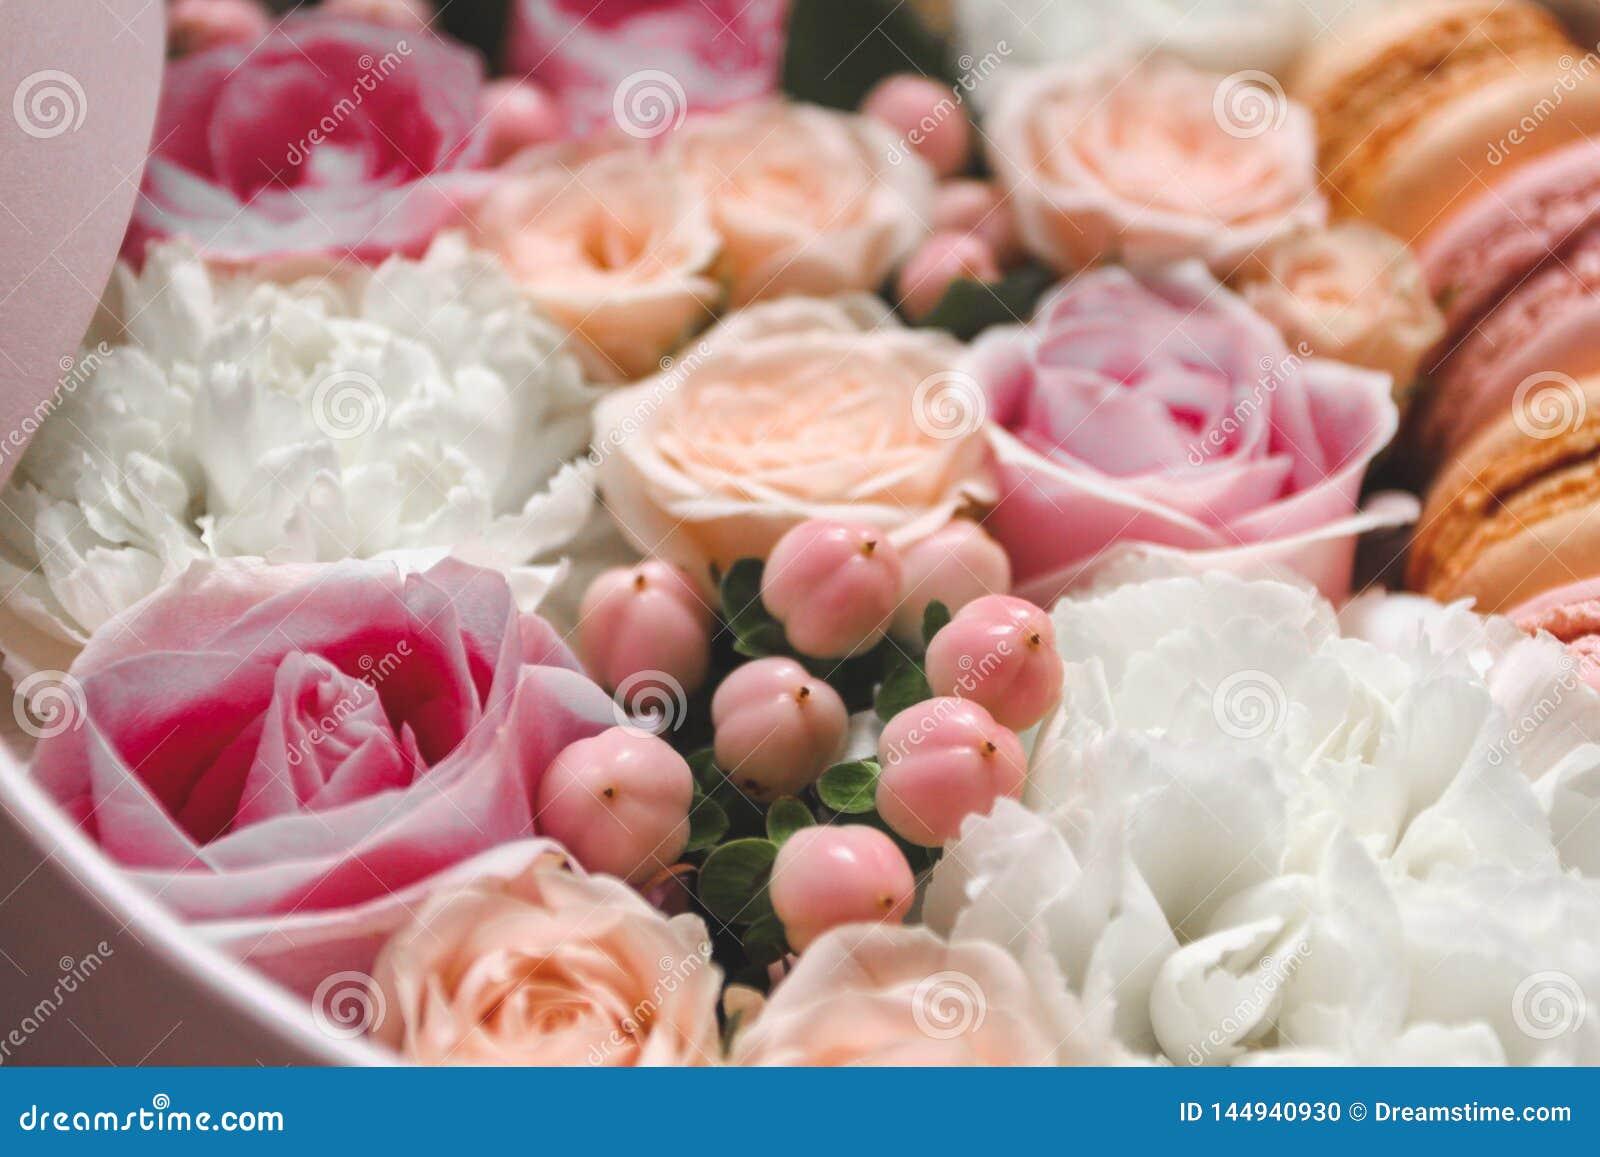 Bello fondo floreale nella scatola con i maccheroni sopra i precedenti